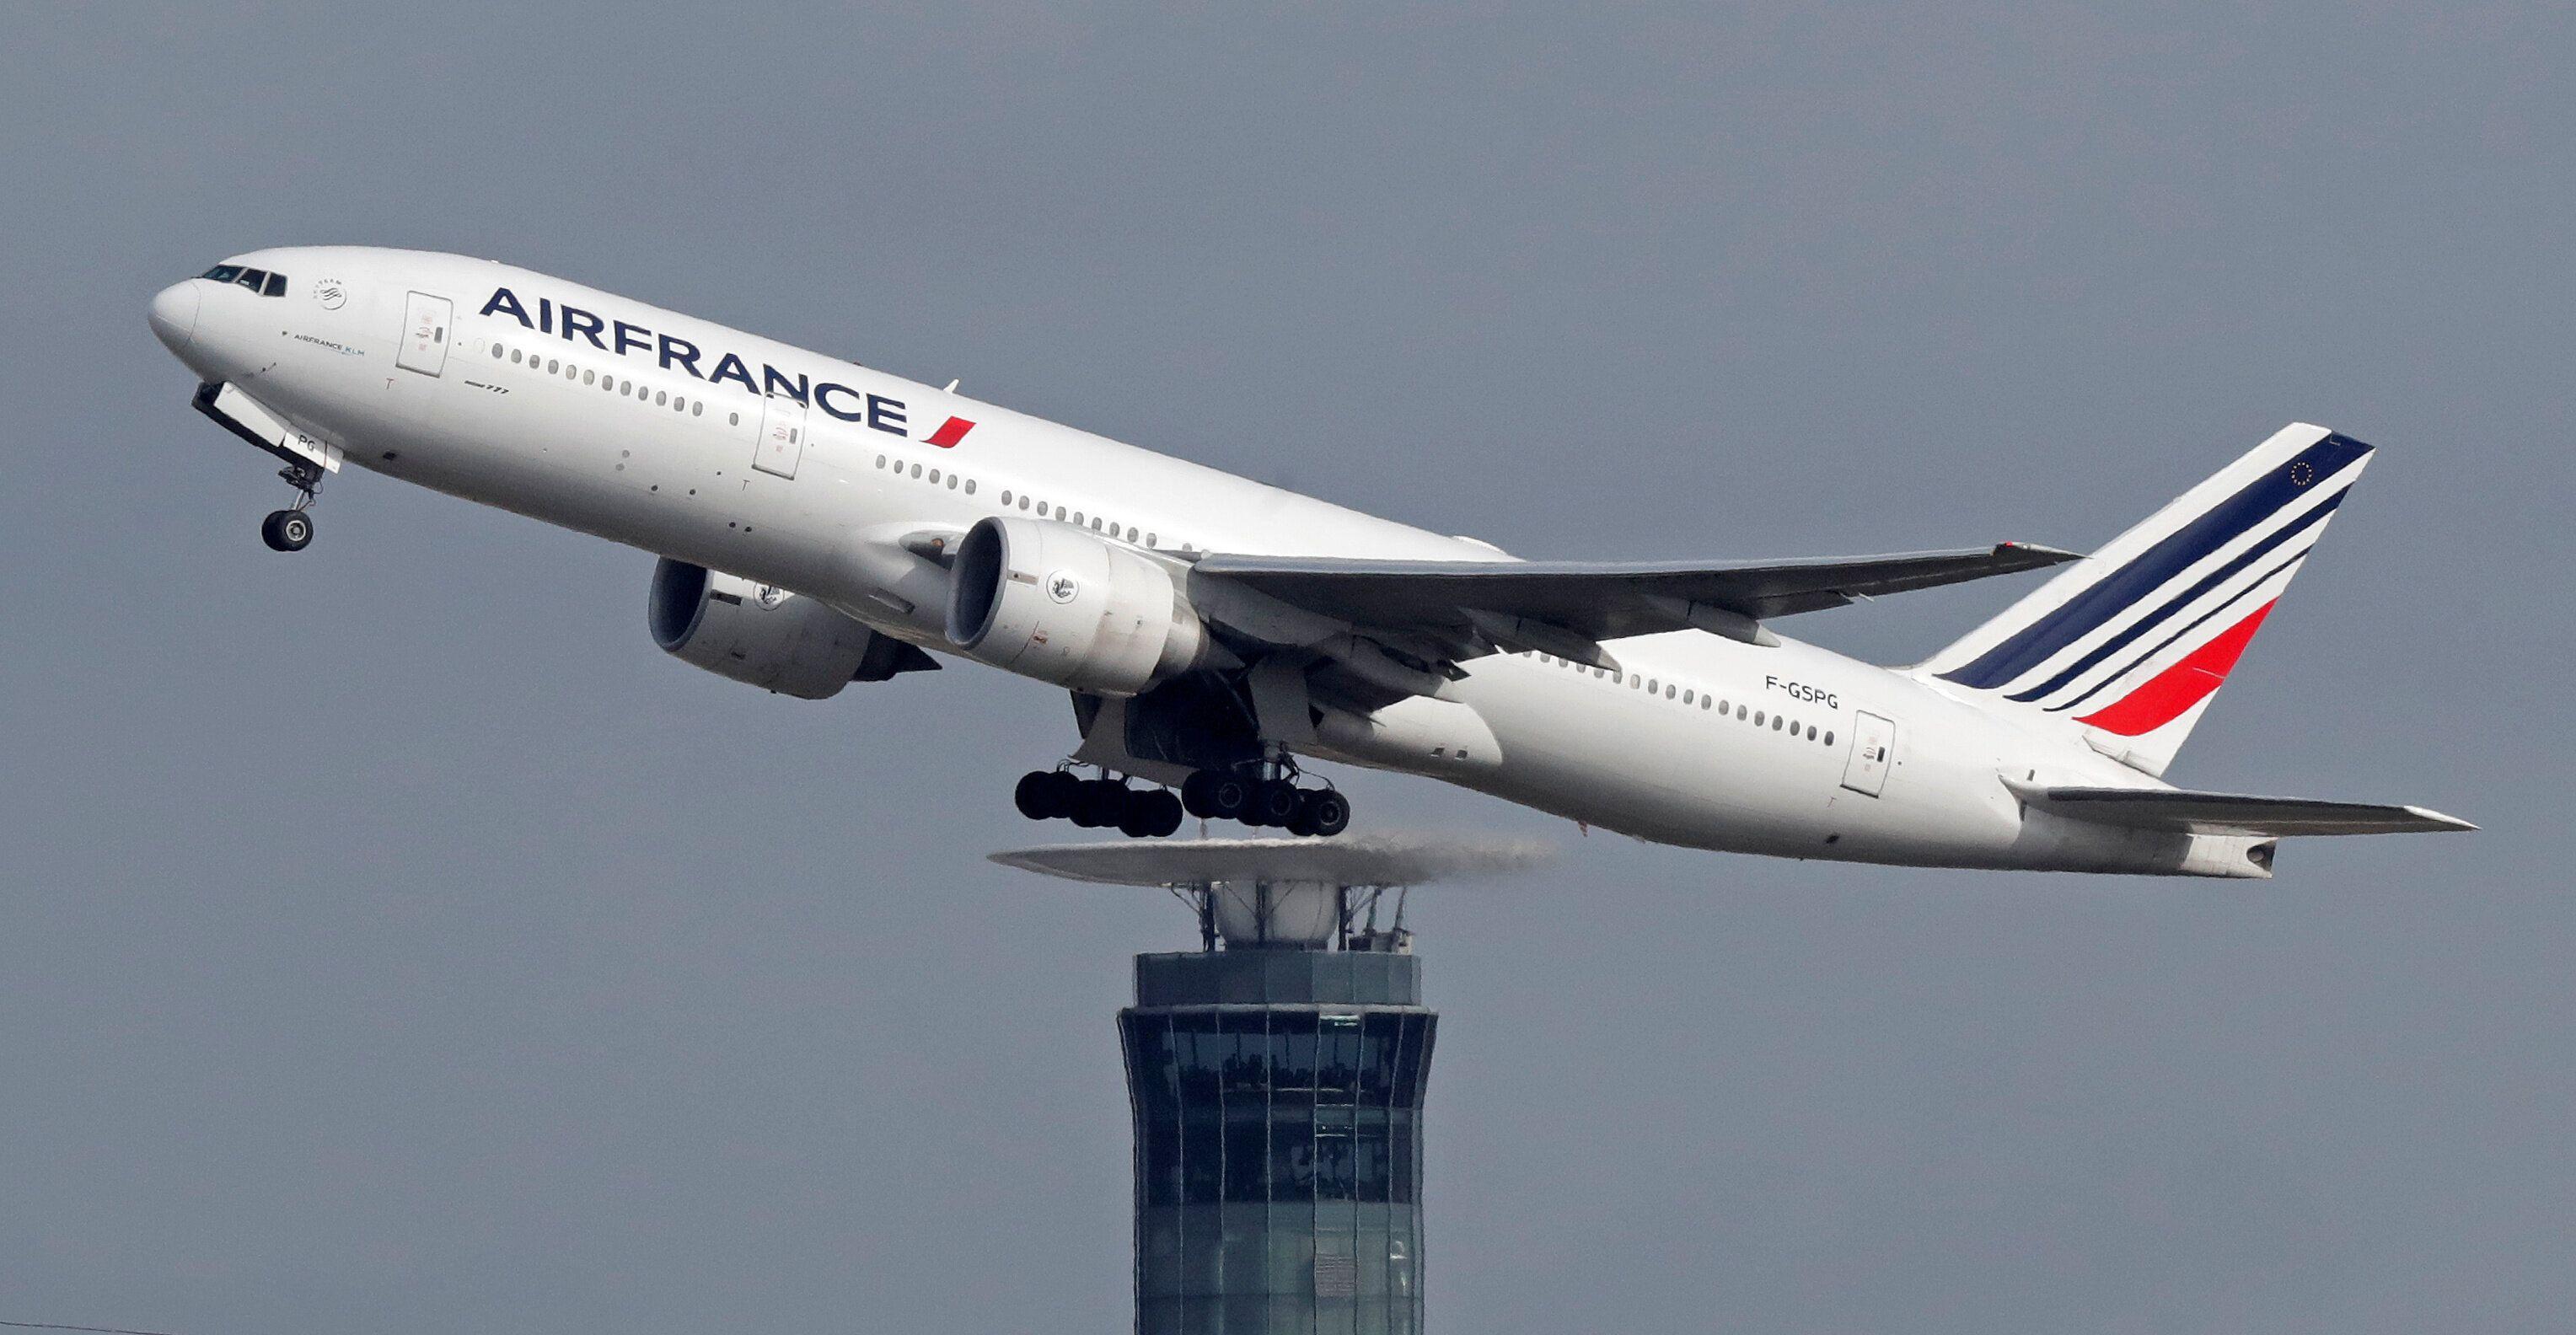 Un avion d'Air France Pékin-Paris atterrit en urgence après